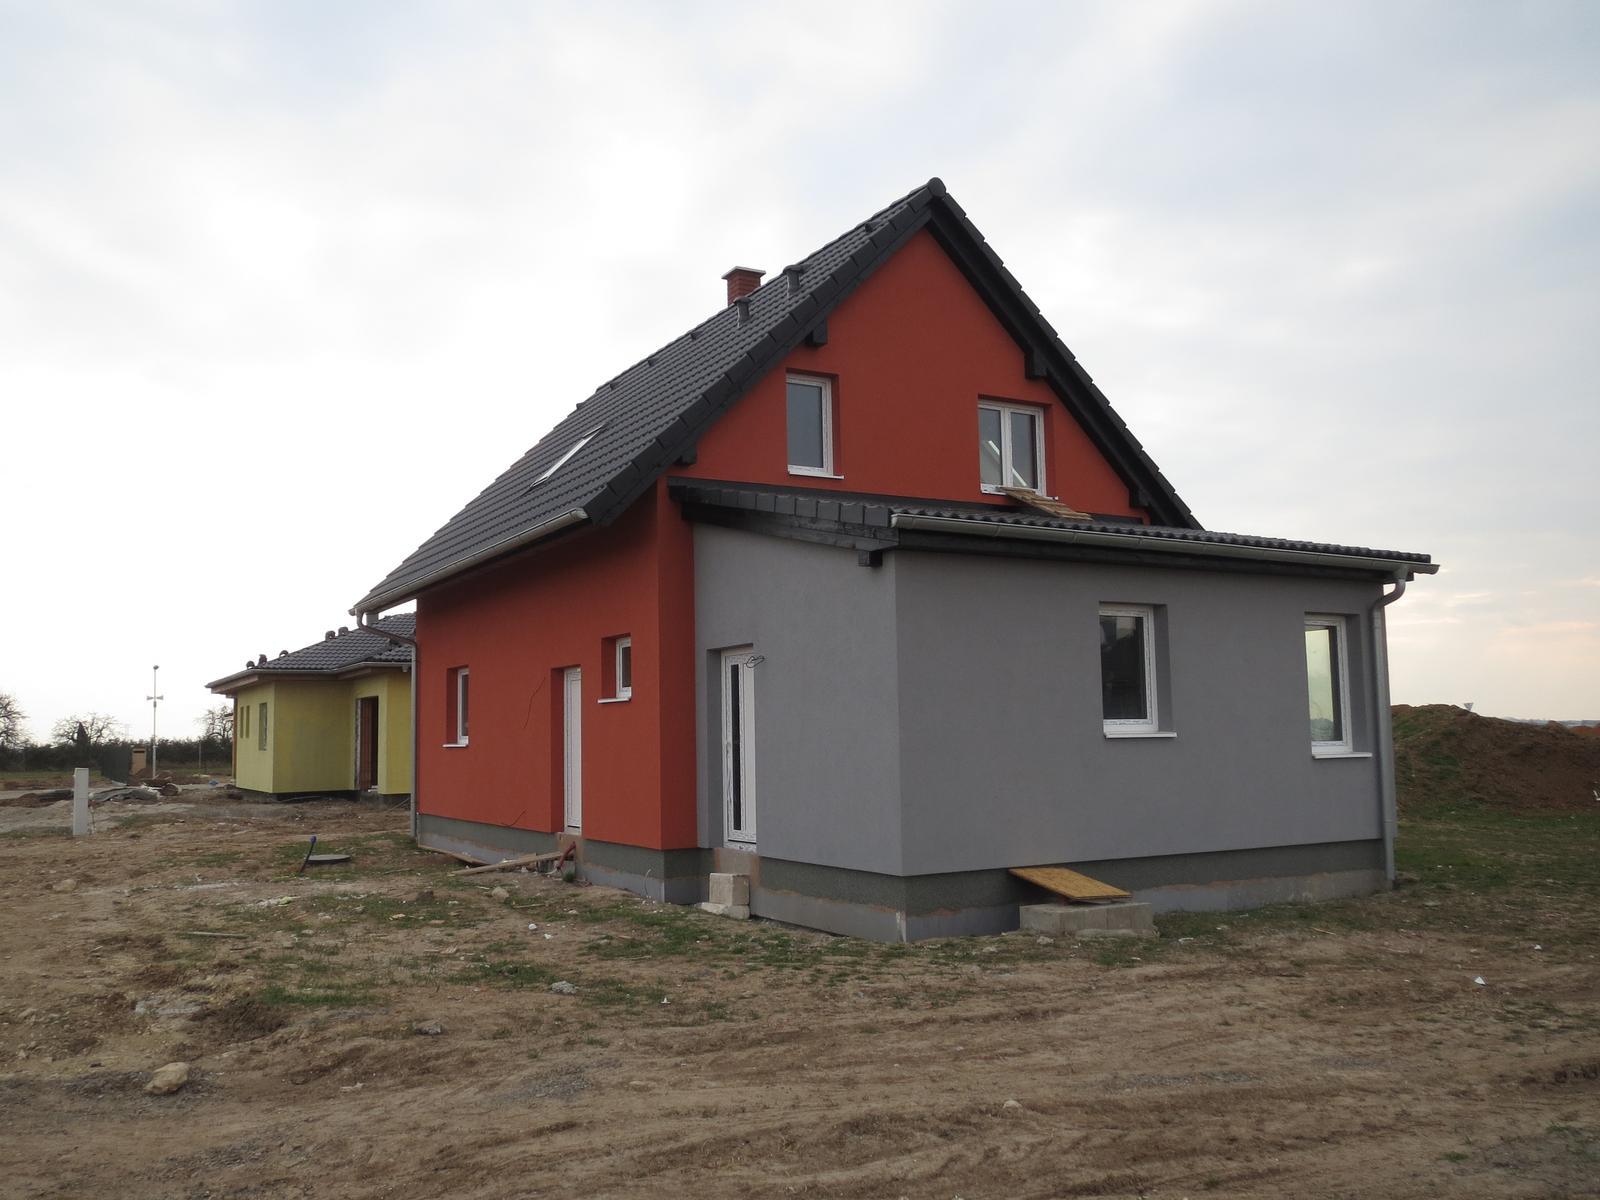 Náš domeček - bez lešení s marmolitem, akorát nevim proč je to na všech fotkách o tolik červenější, než ve skutečnbosti...